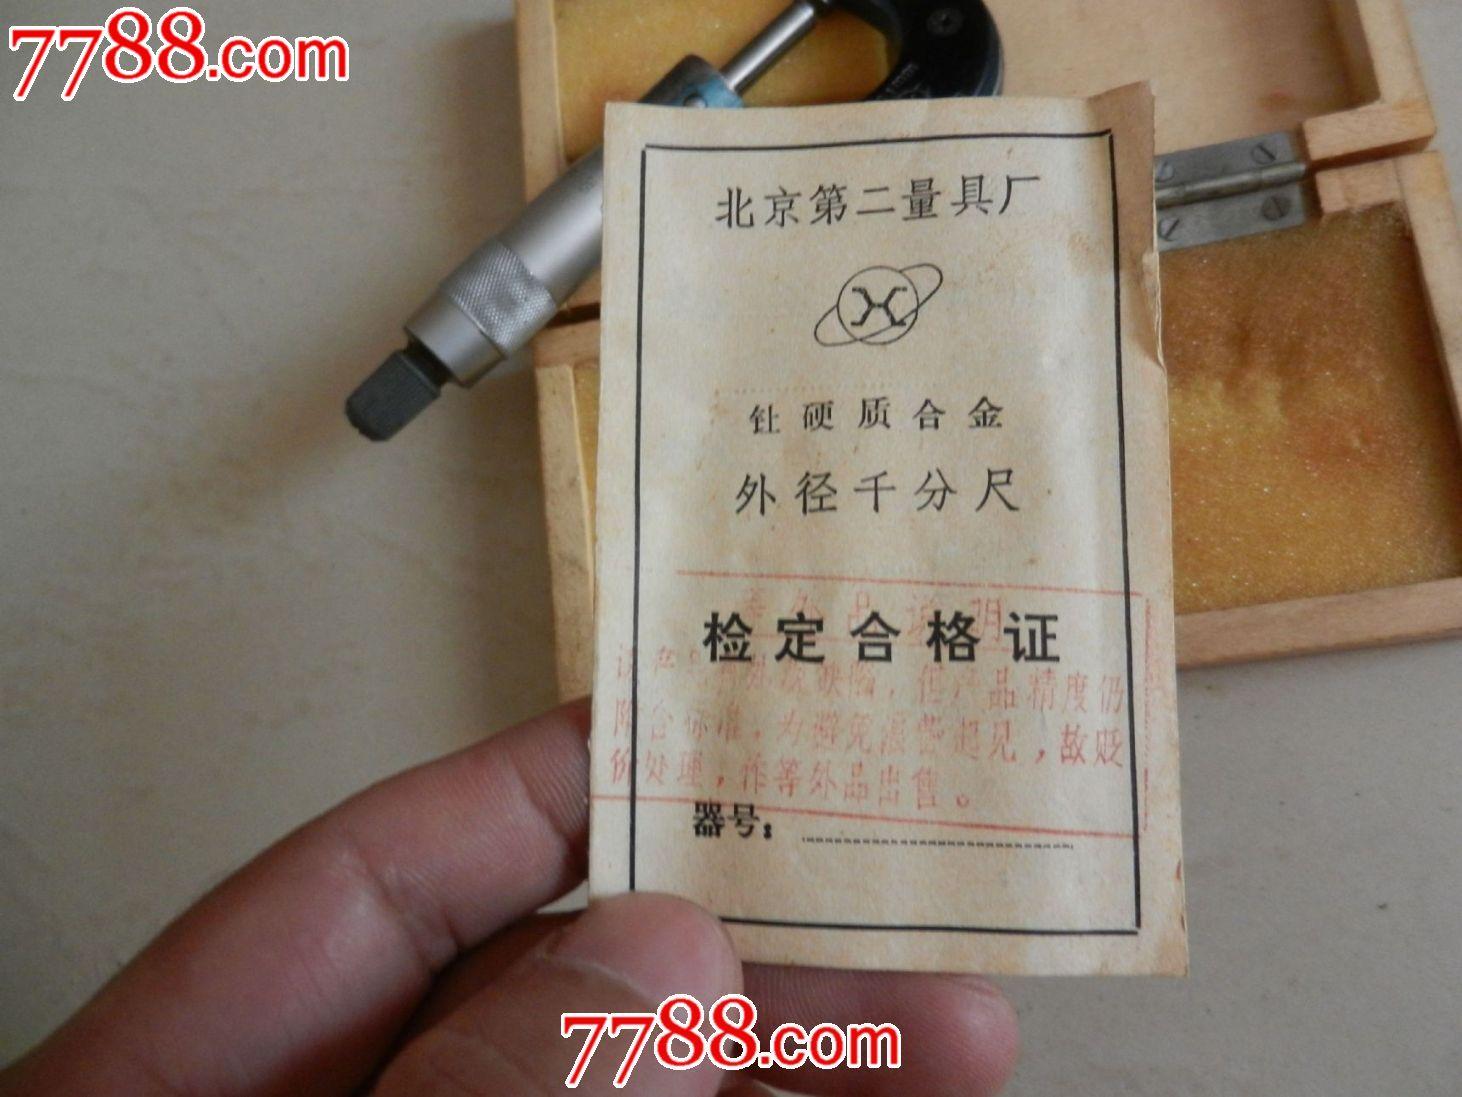 硬质合金案例千分尺(北京第二量具厂75年出品建筑装饰外径香港图纸图片